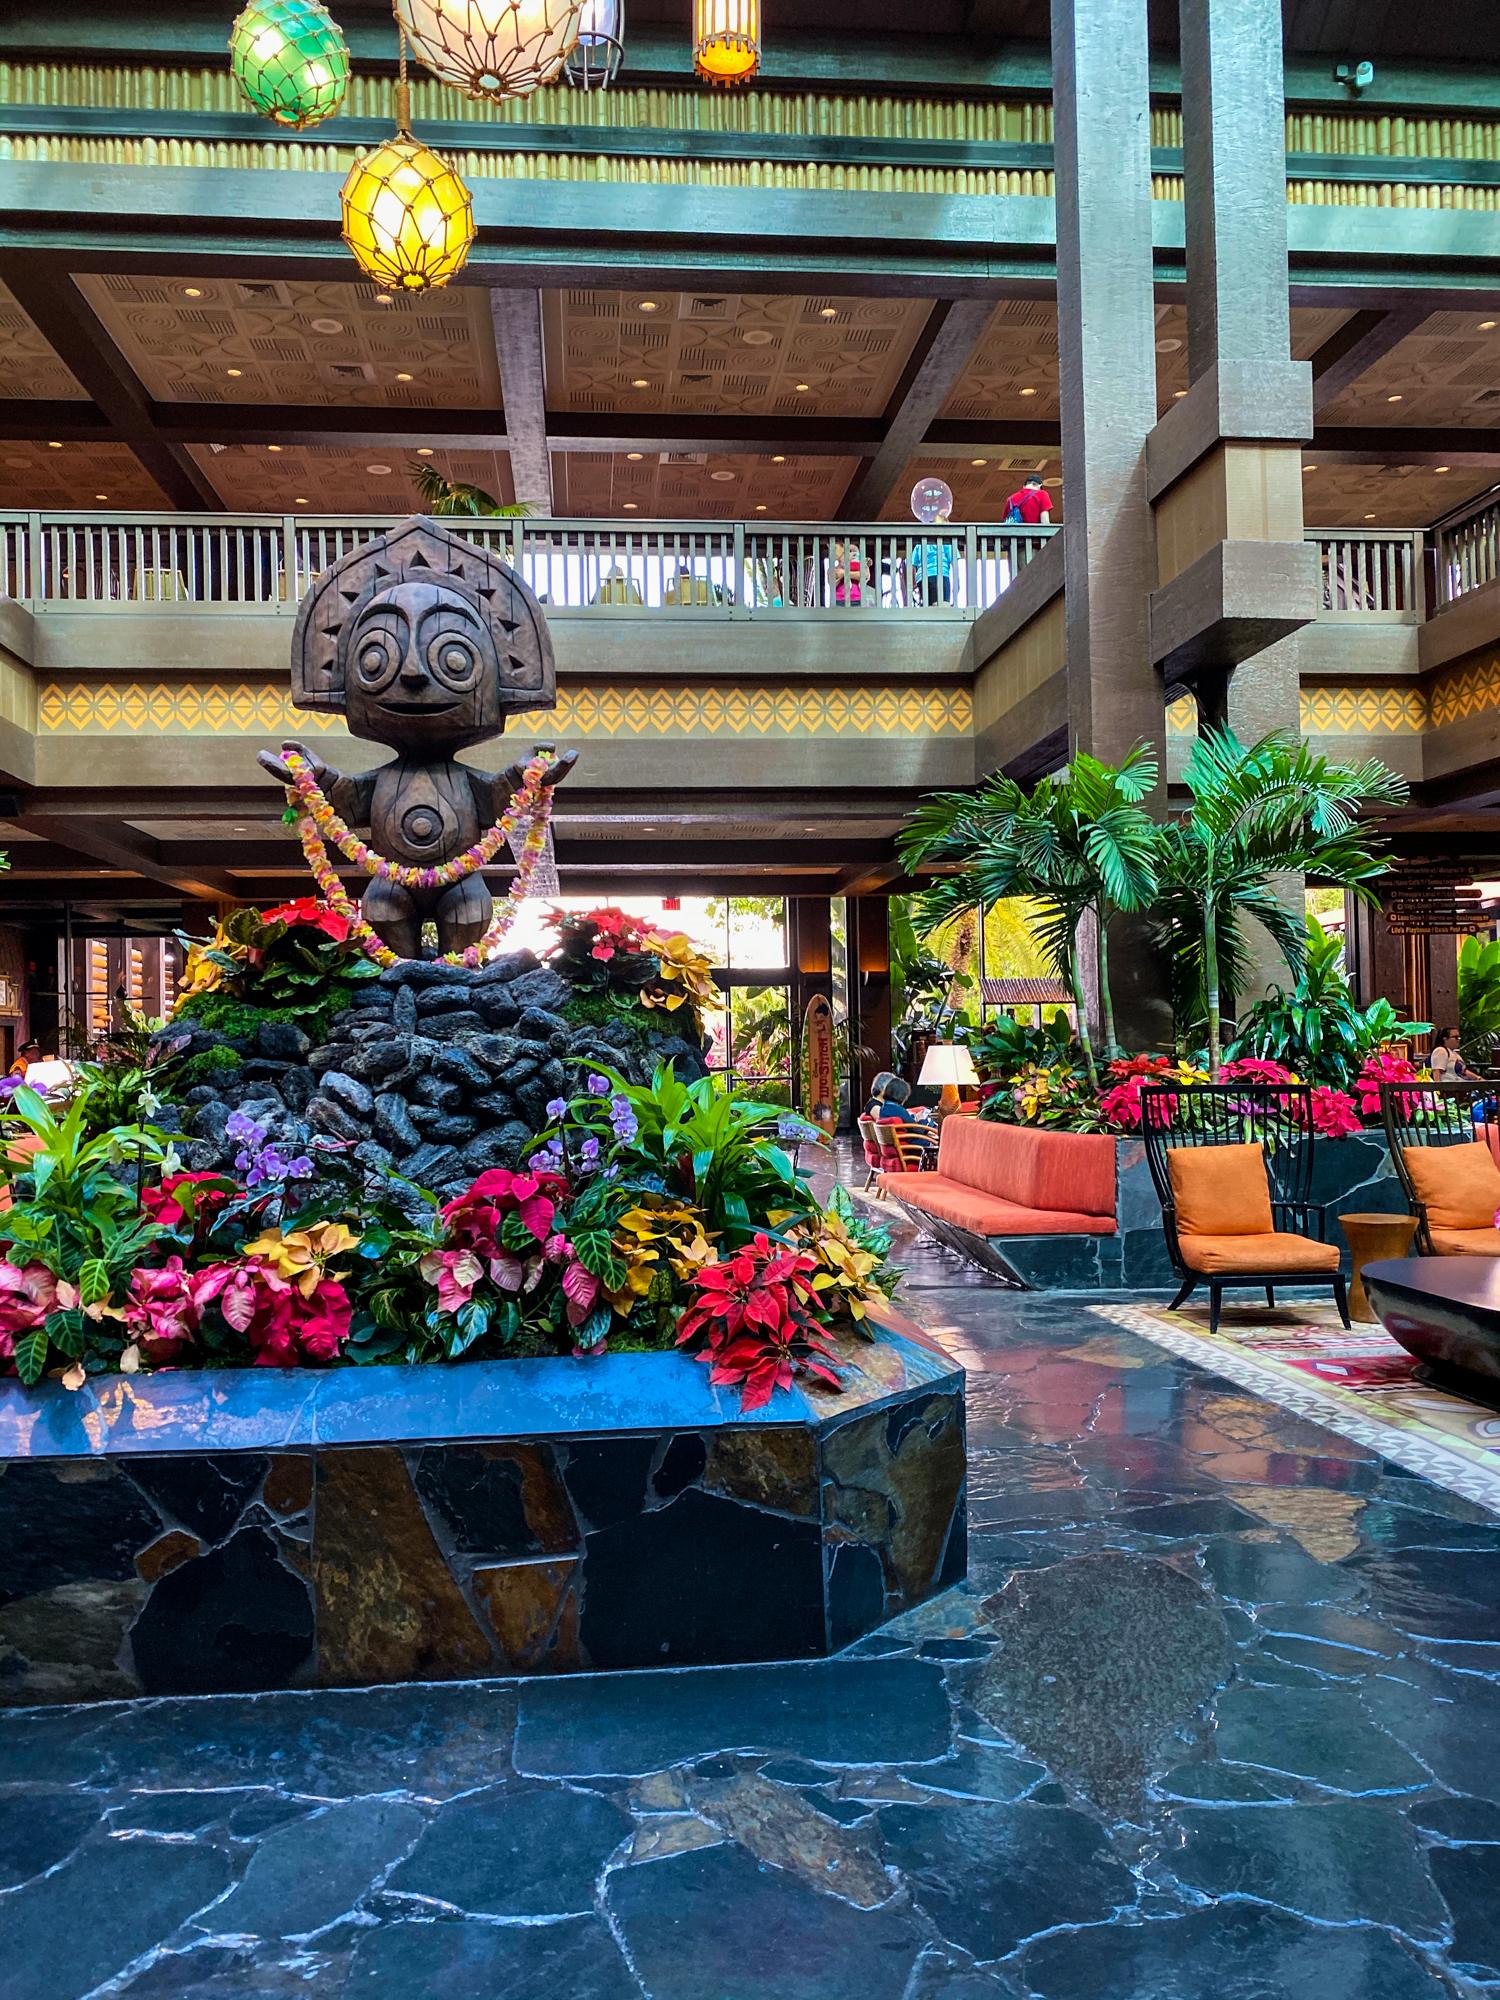 Lobby of Disney's Polynesian